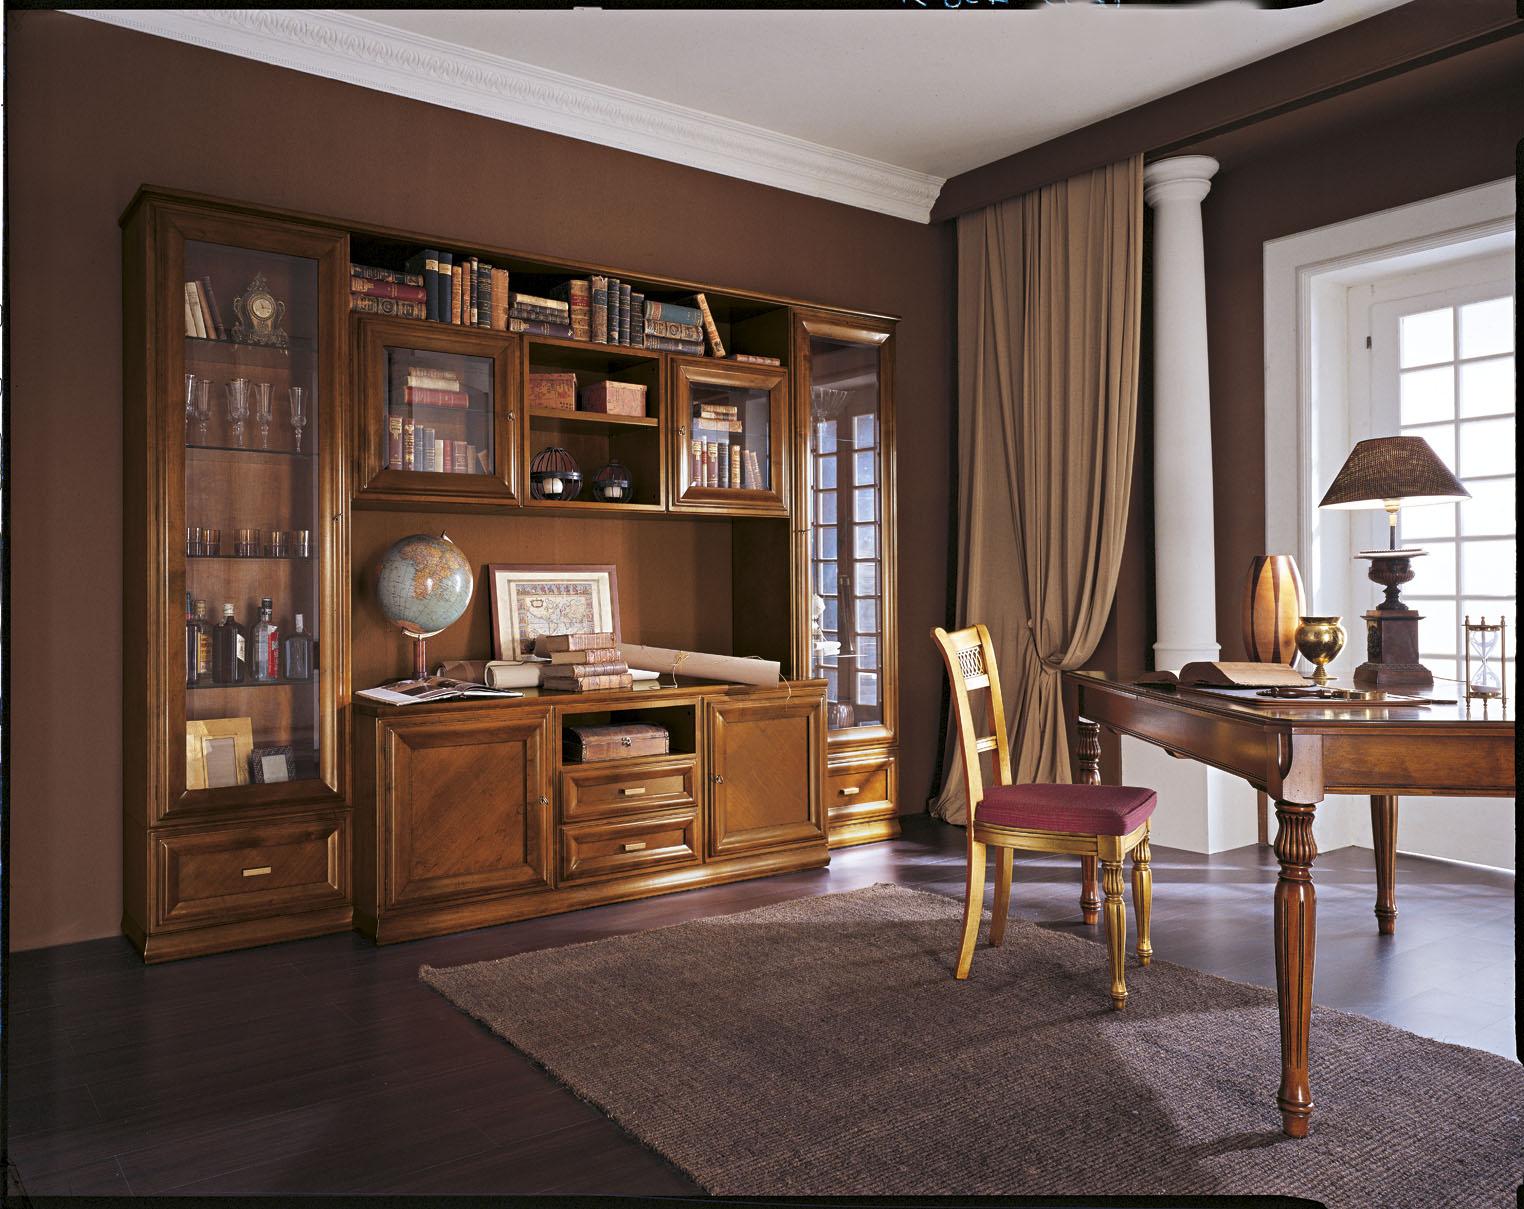 Arredamento classico veneto arredamento soggiorno - Arredamento casa classico contemporaneo ...